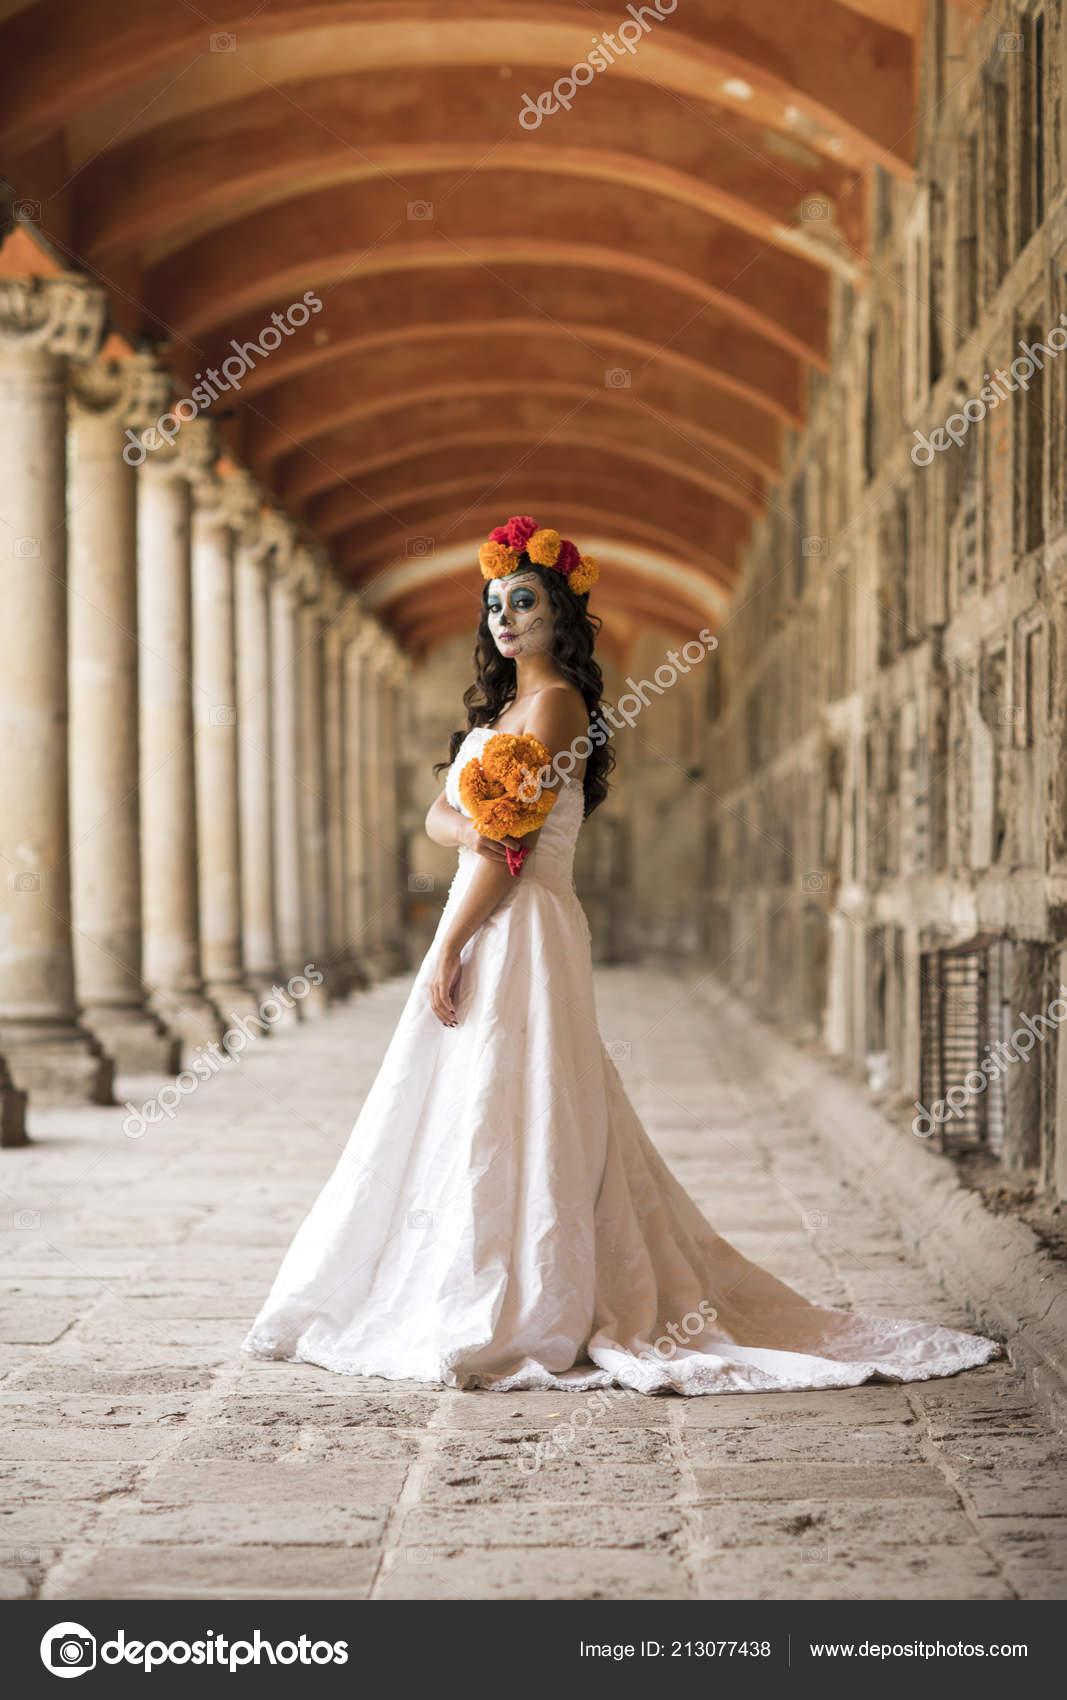 Imagenes de catrinas con vestido blanco